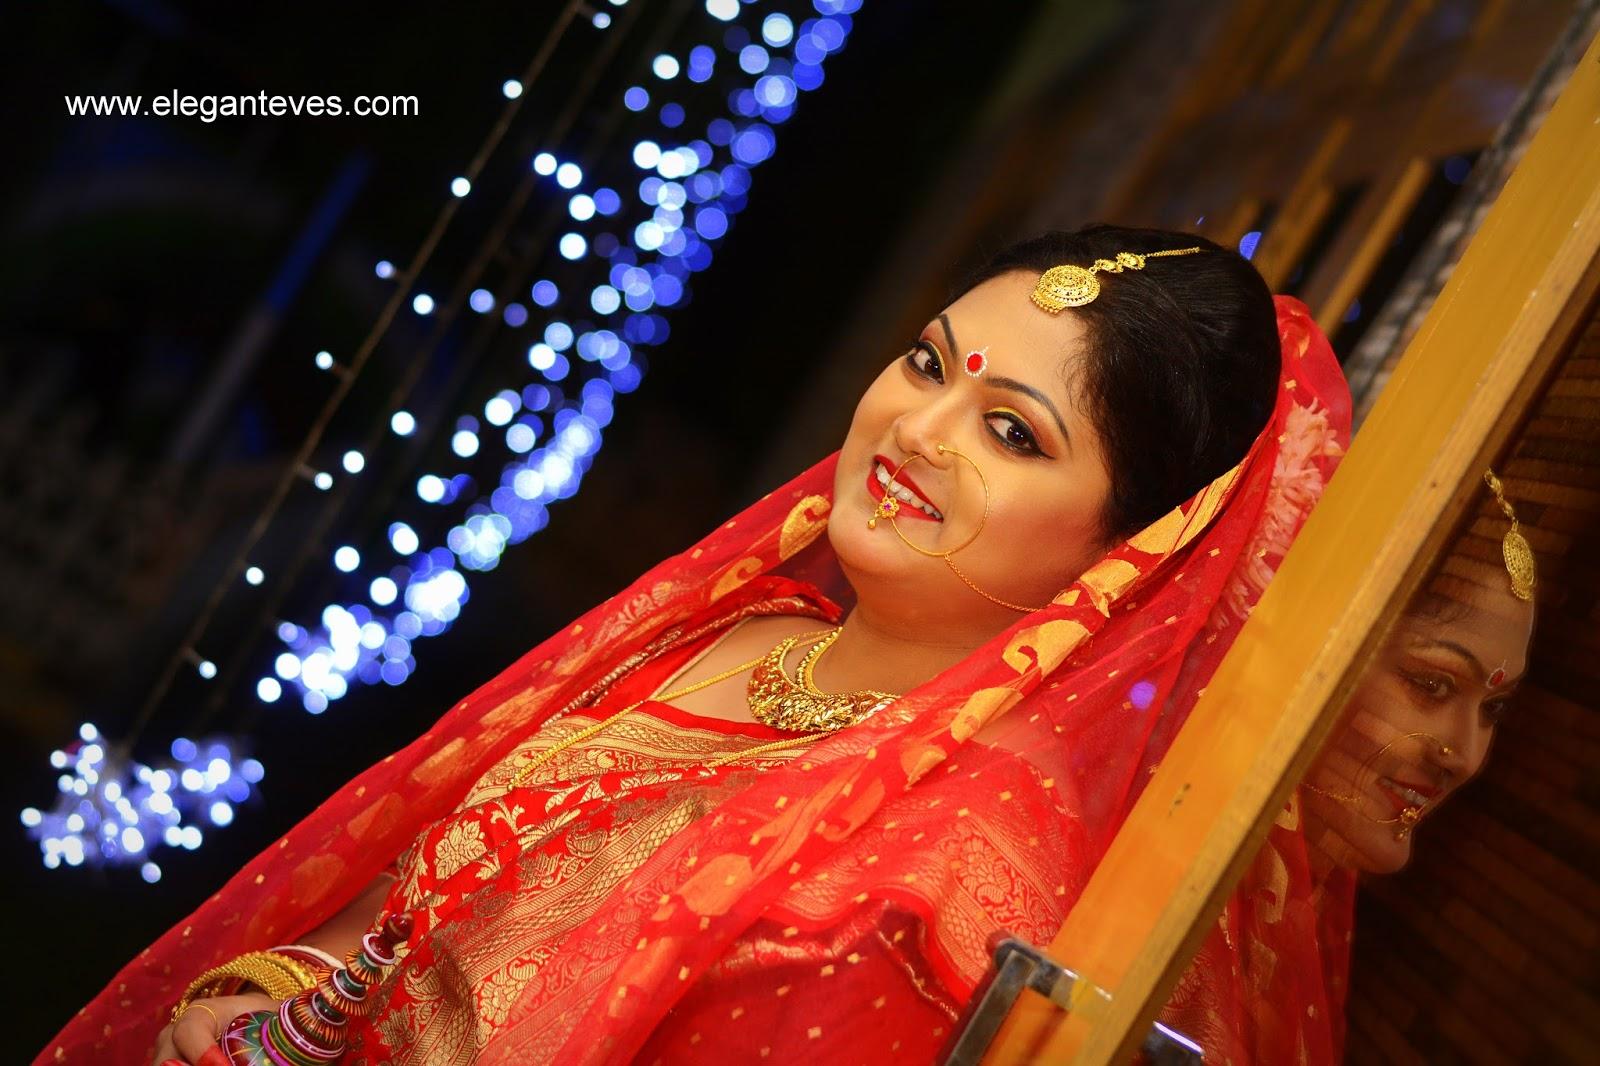 bridal banter: bengali bridal nosering and its variations